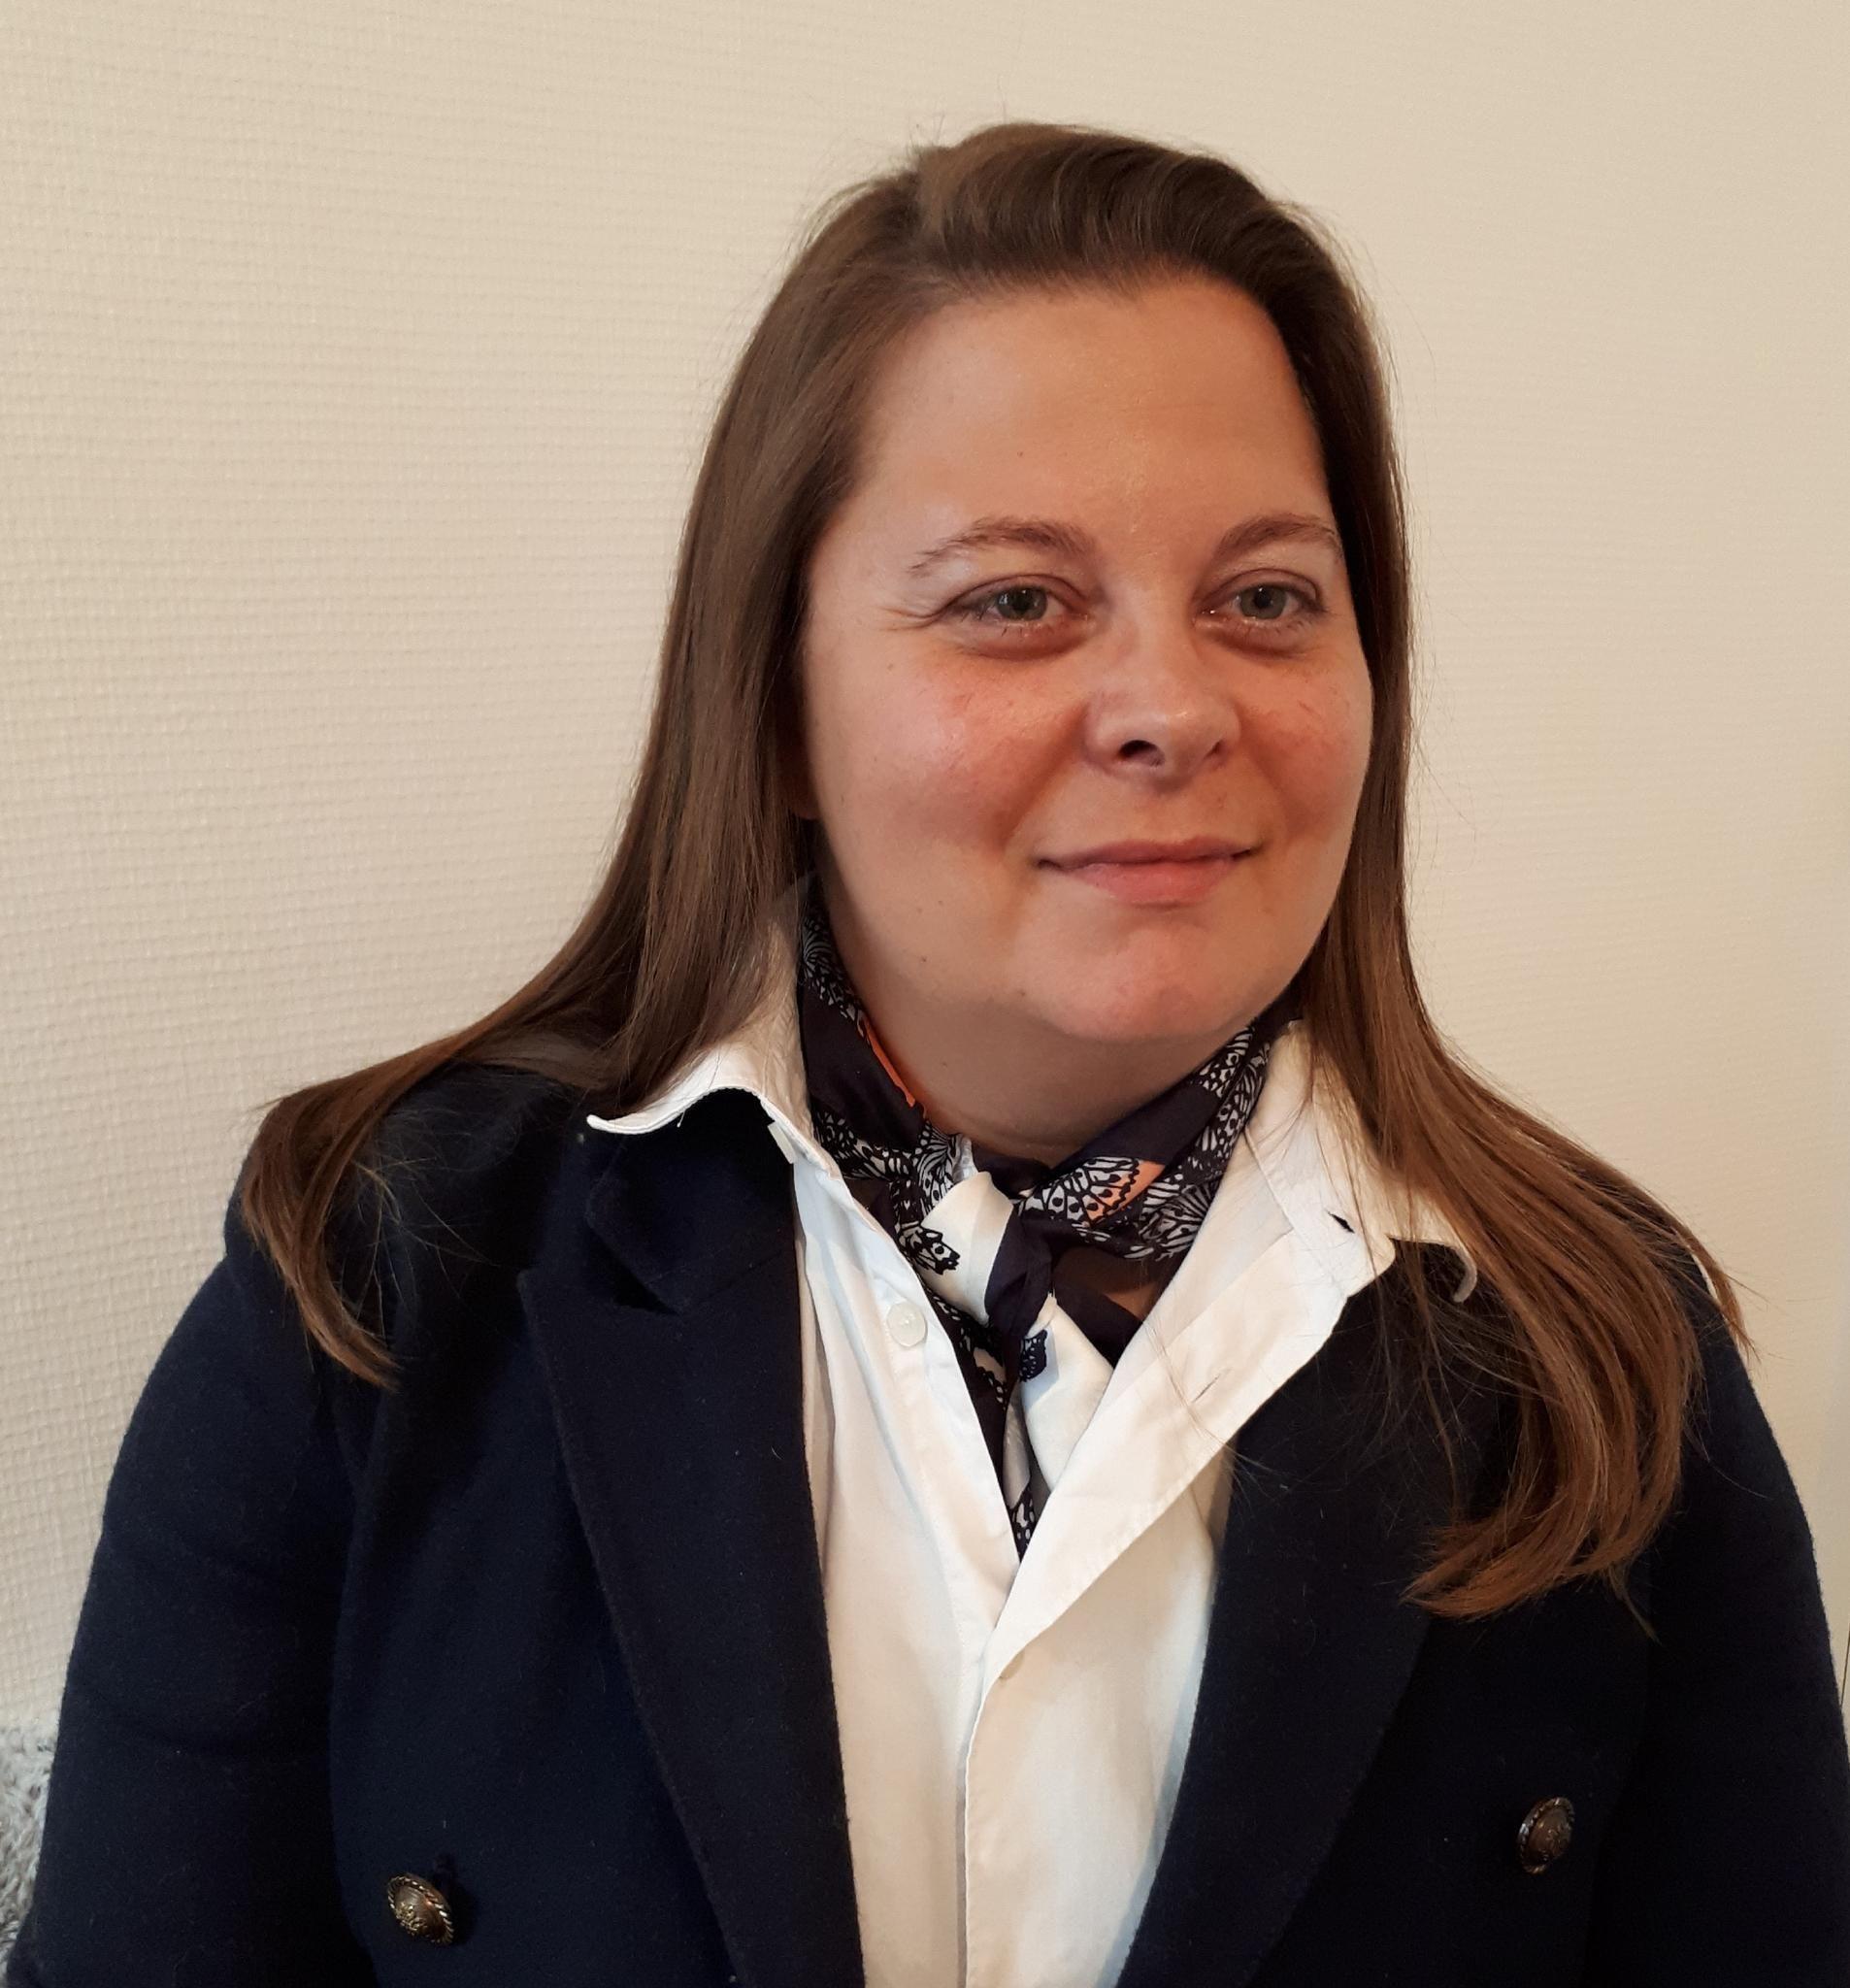 Interview - Dr Christelle DEBORDEAUX